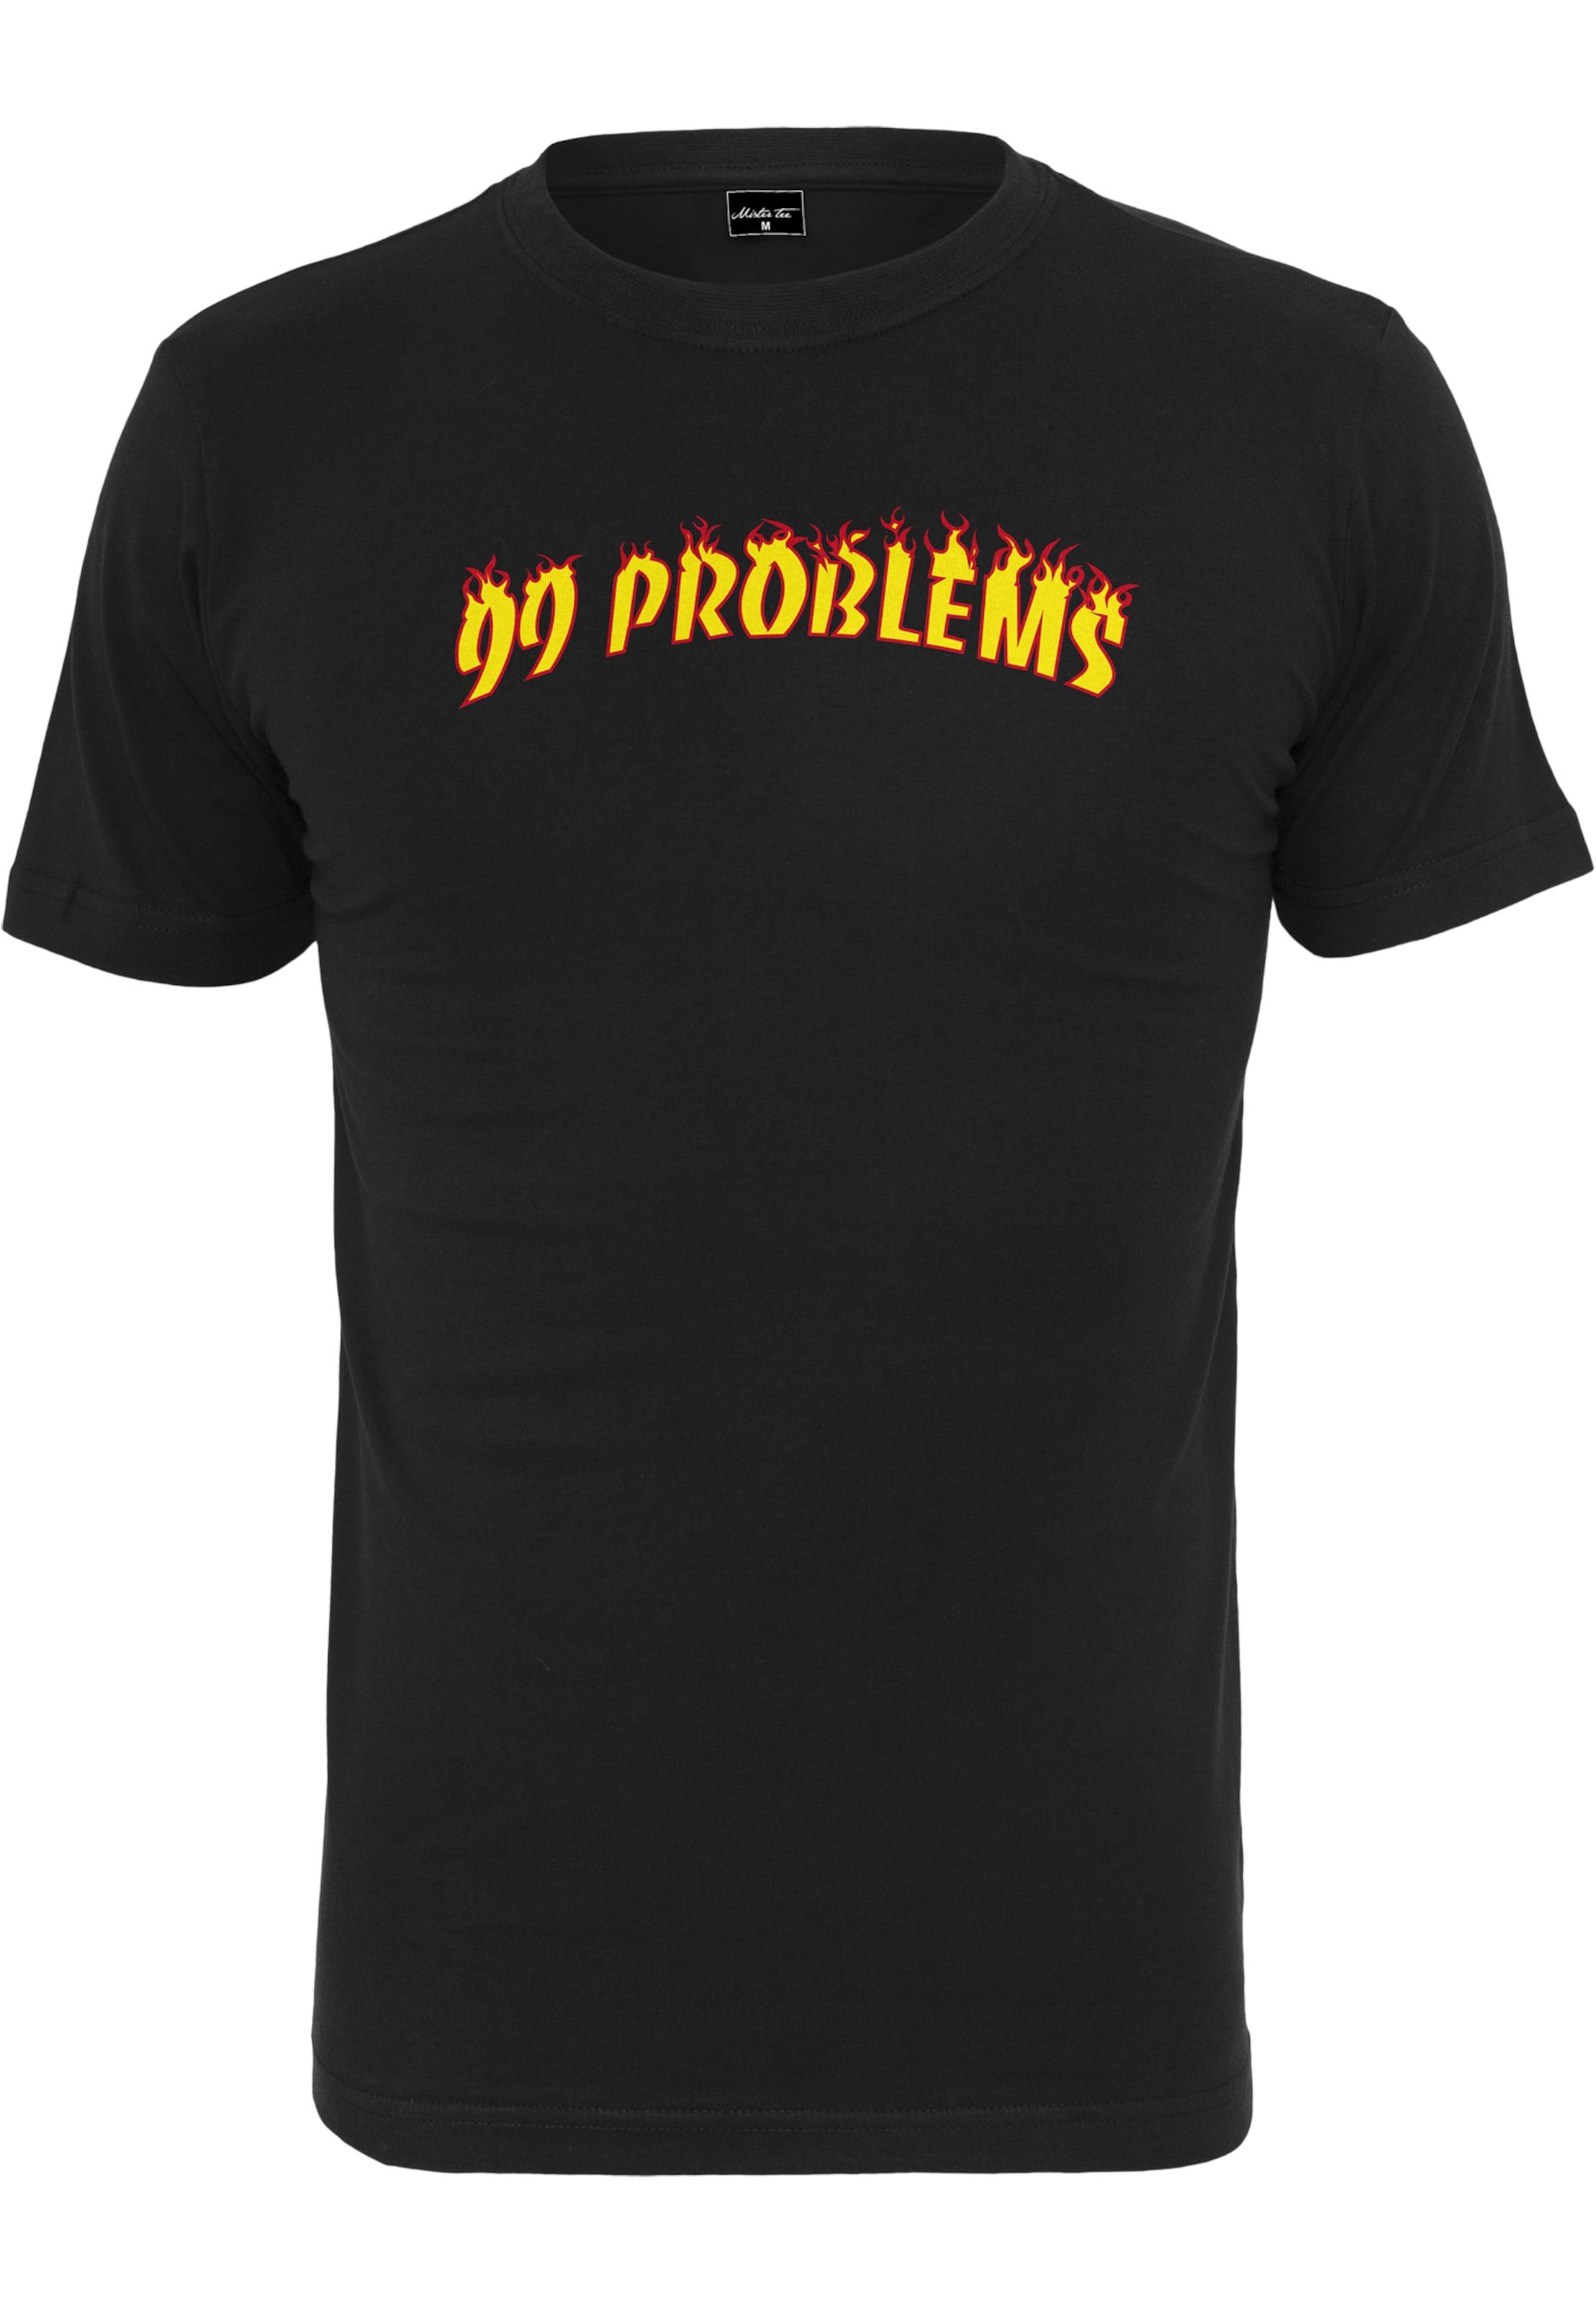 shirt Tee Problems T Mister '99 GelbOrange Flames' In Schwarz WEIDH2e9Y